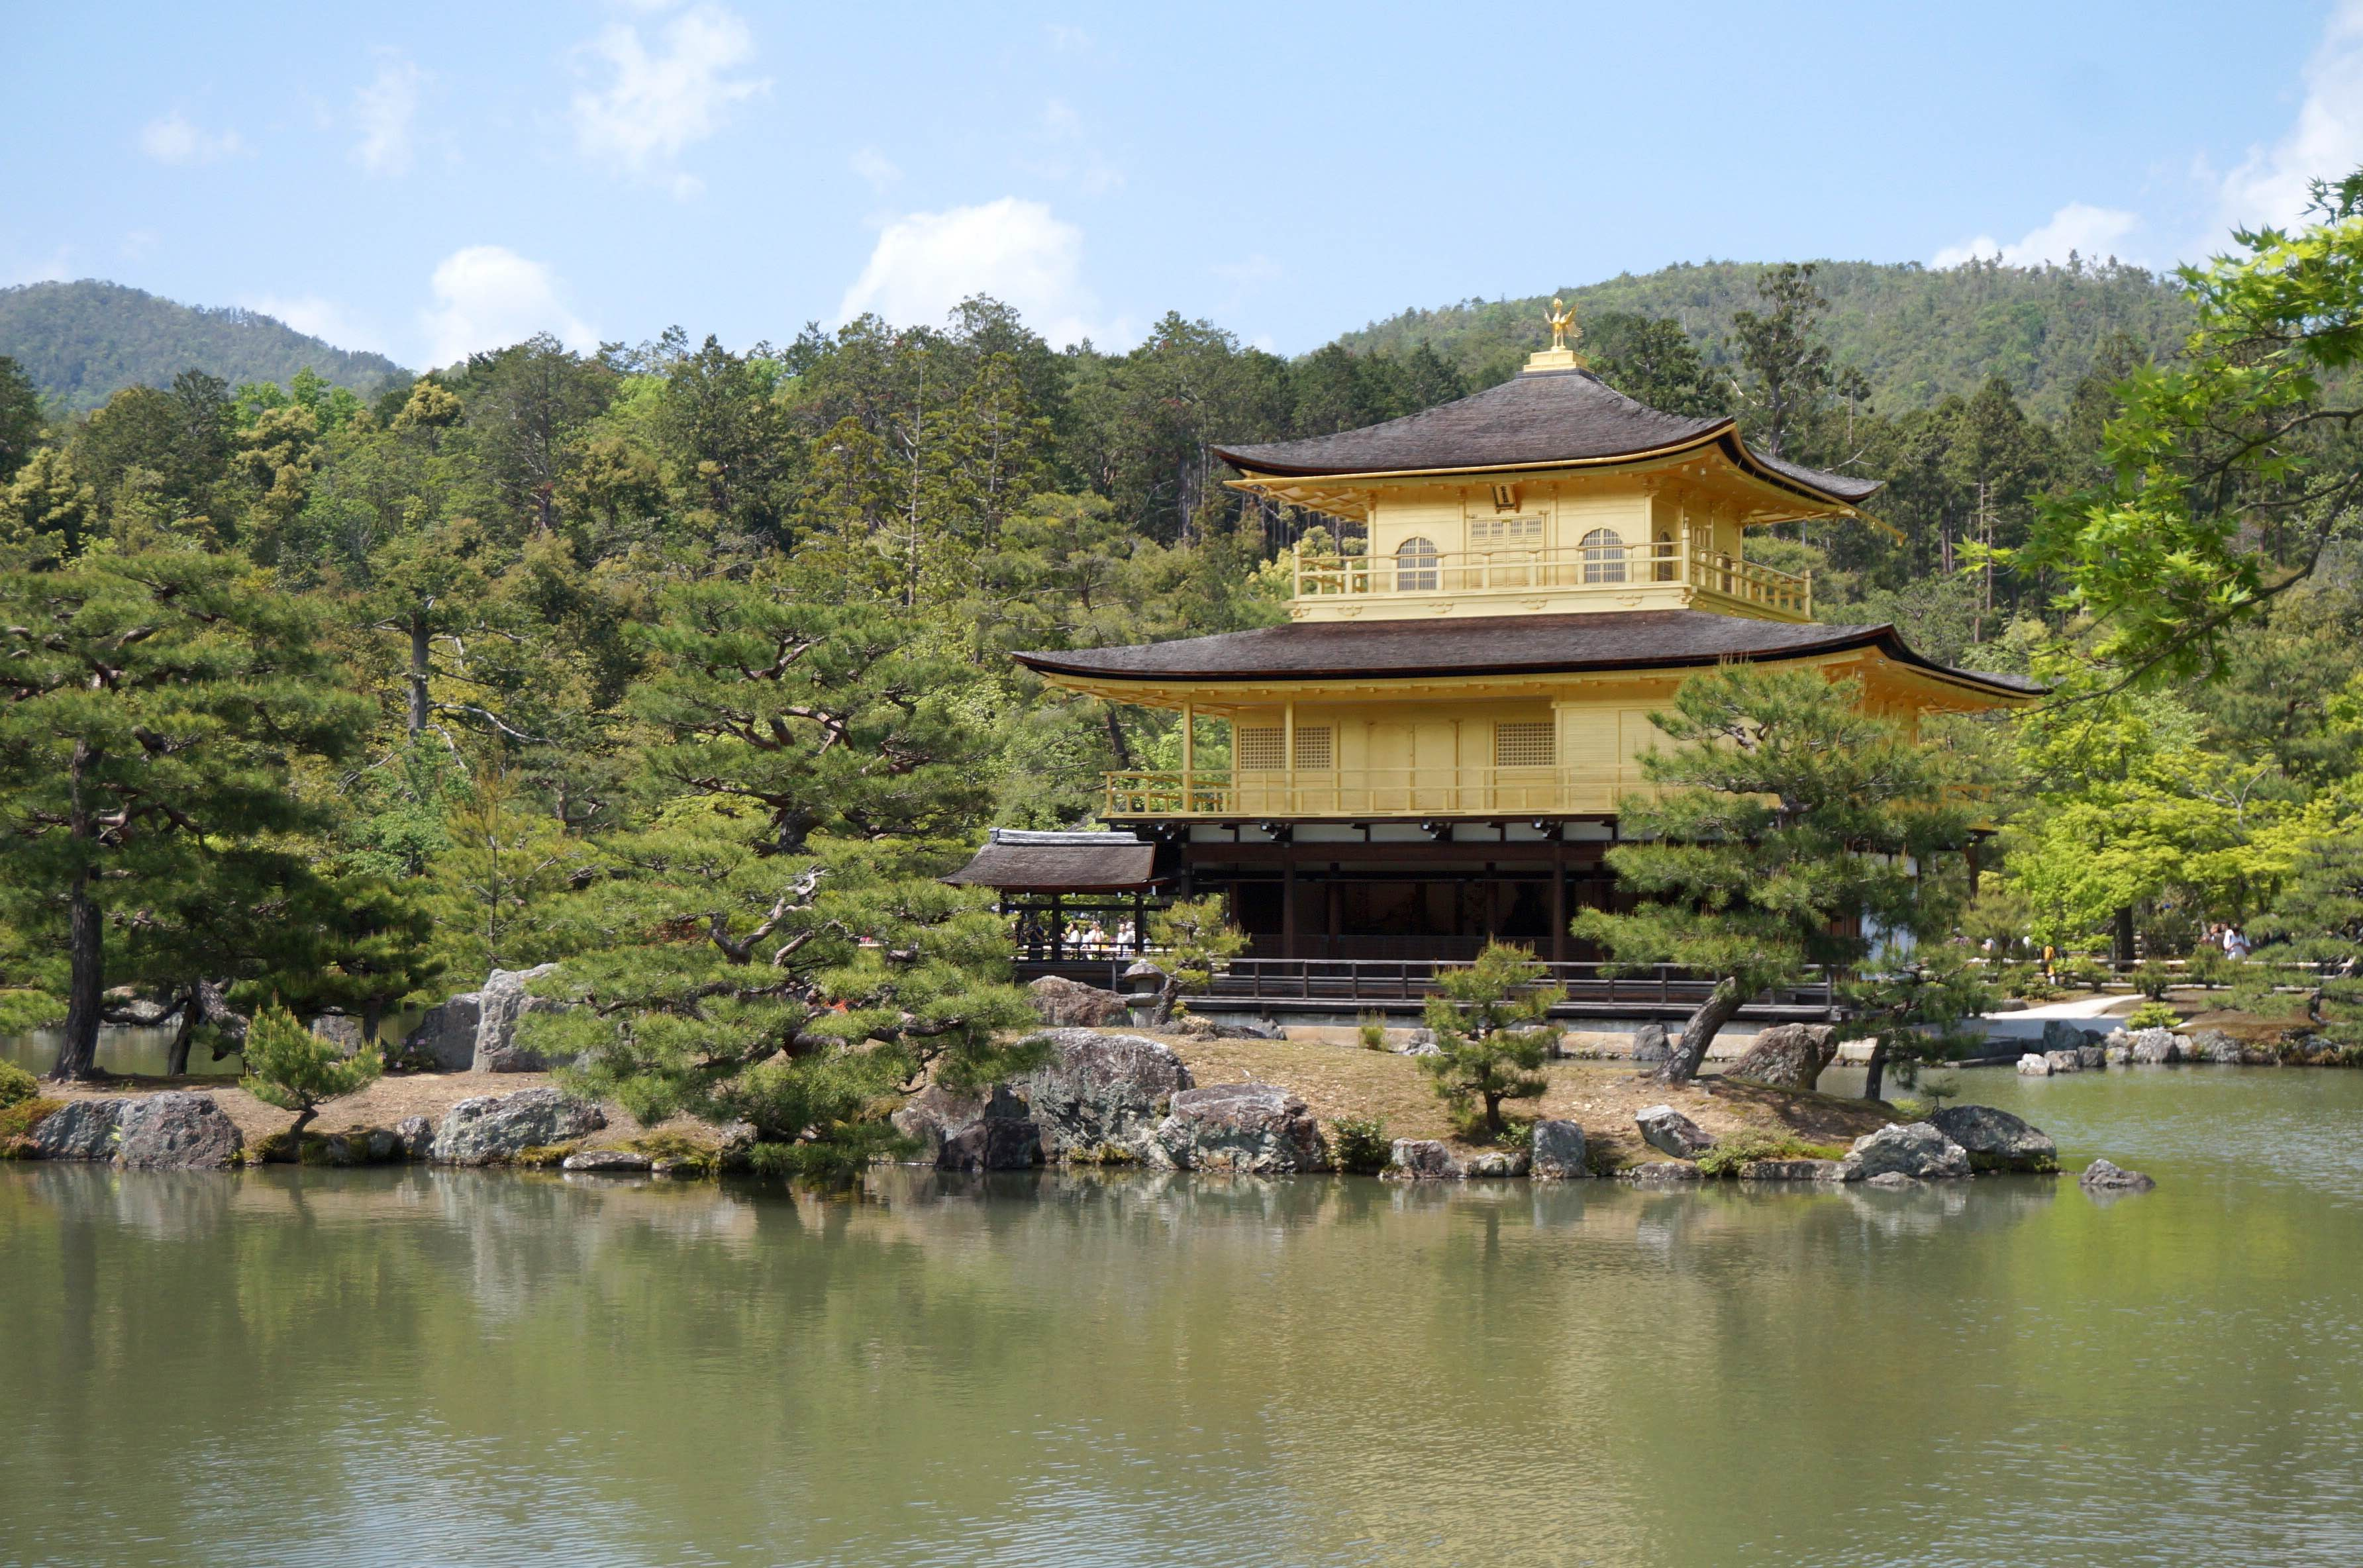 pabellón dorado, kinkaku-ji, kyoto, japón